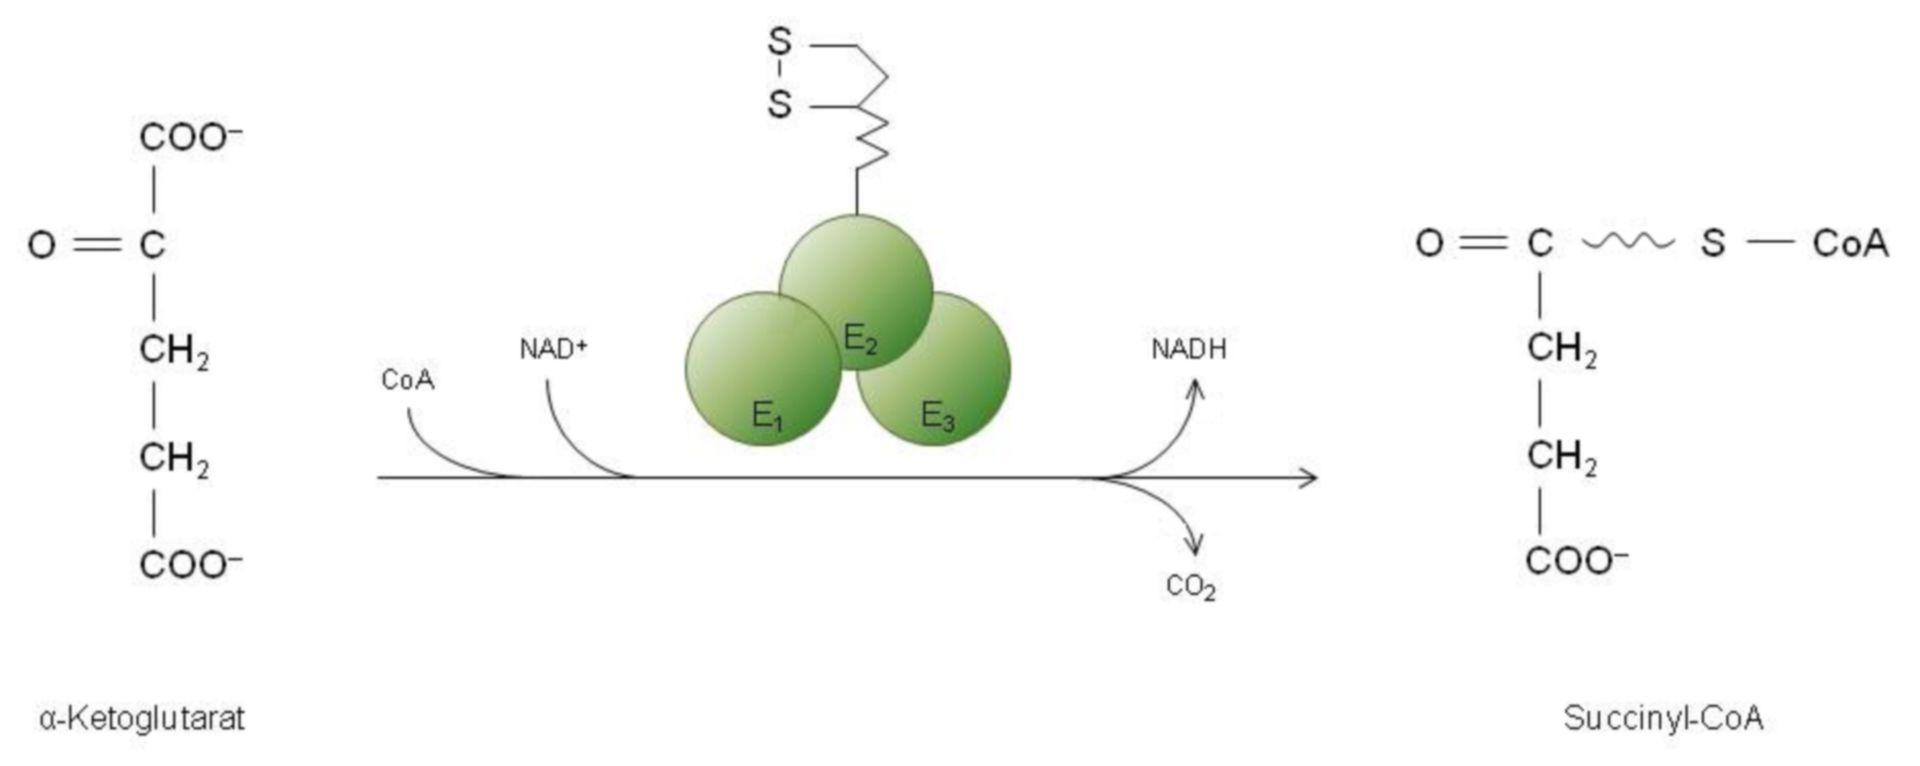 Decarboxilación de alfa-quétoglutarato